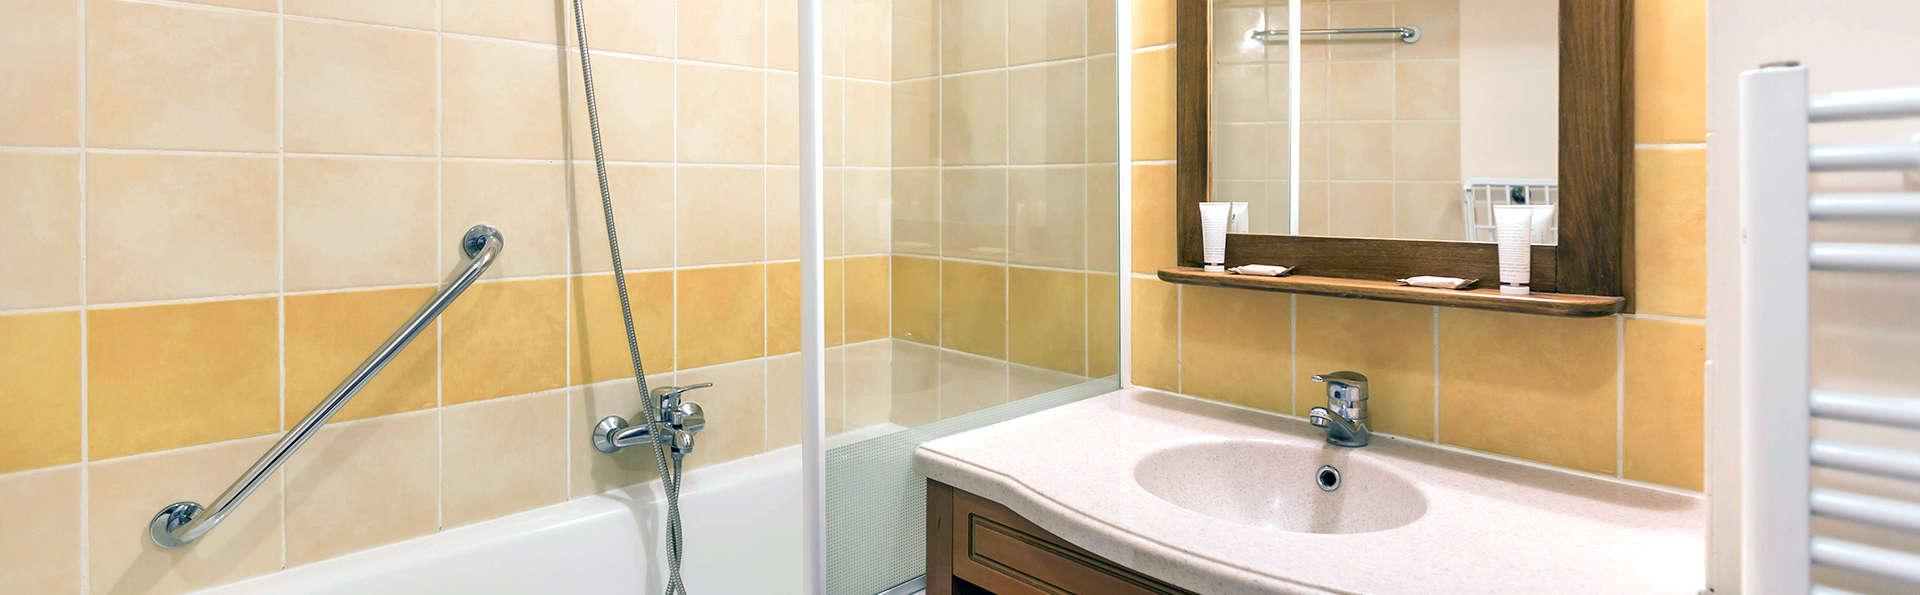 Pierre et Vacances Les Trois Domaines - Edit_Bathroom2.jpg